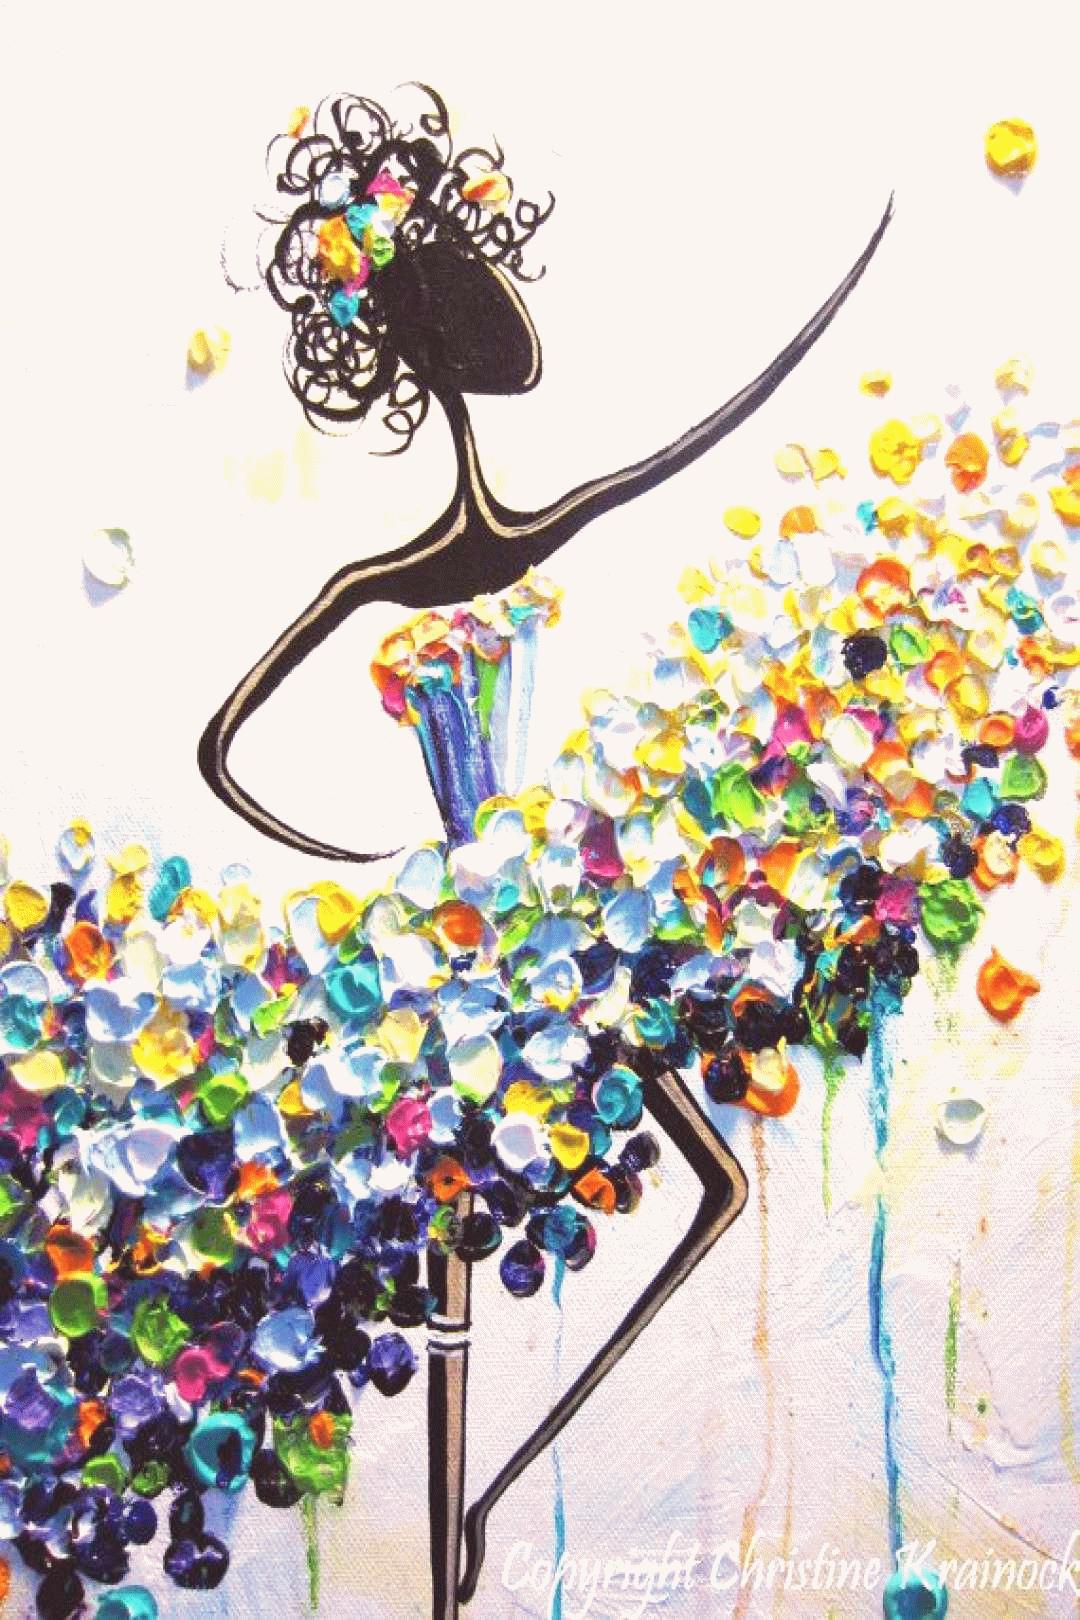 Les Danseurs de Félicité Illustration TOILE d'IMPRESSION d'IMPRESSION  d'Introduction Abstraite Bayad | Art coloré, Art abstrait, Toile imprimée